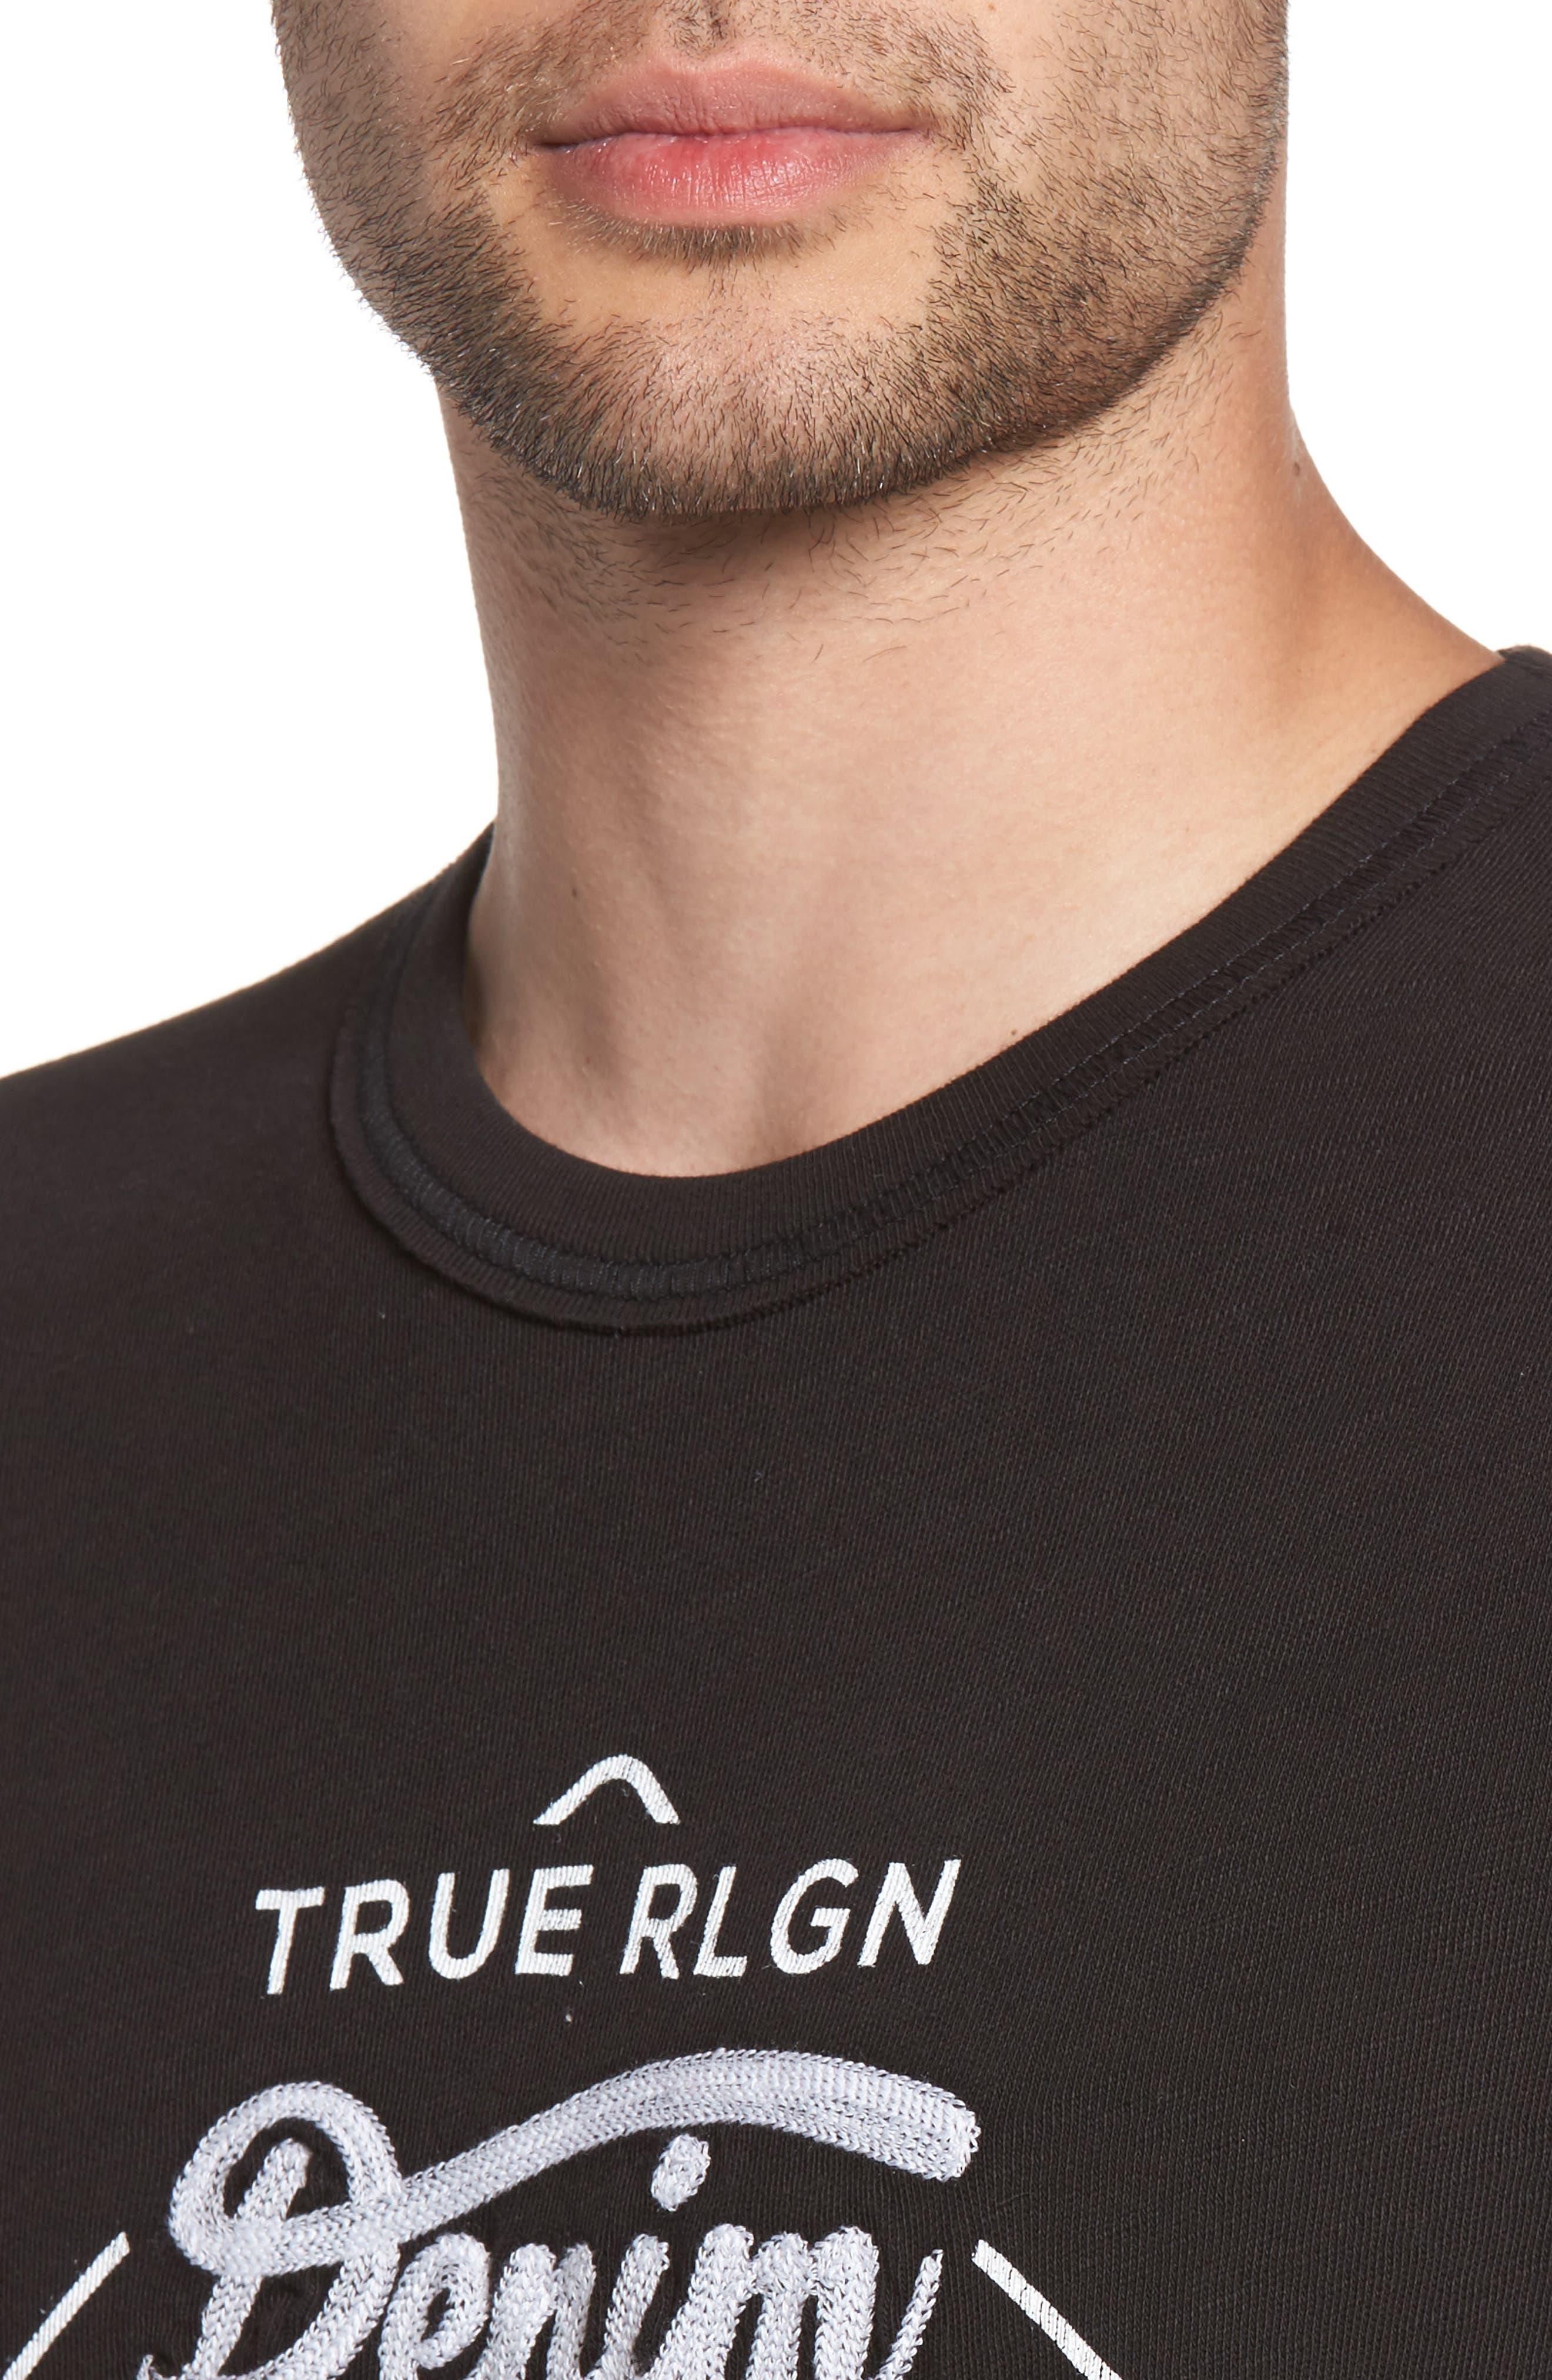 Denim Goods T-Shirt,                             Alternate thumbnail 4, color,                             001